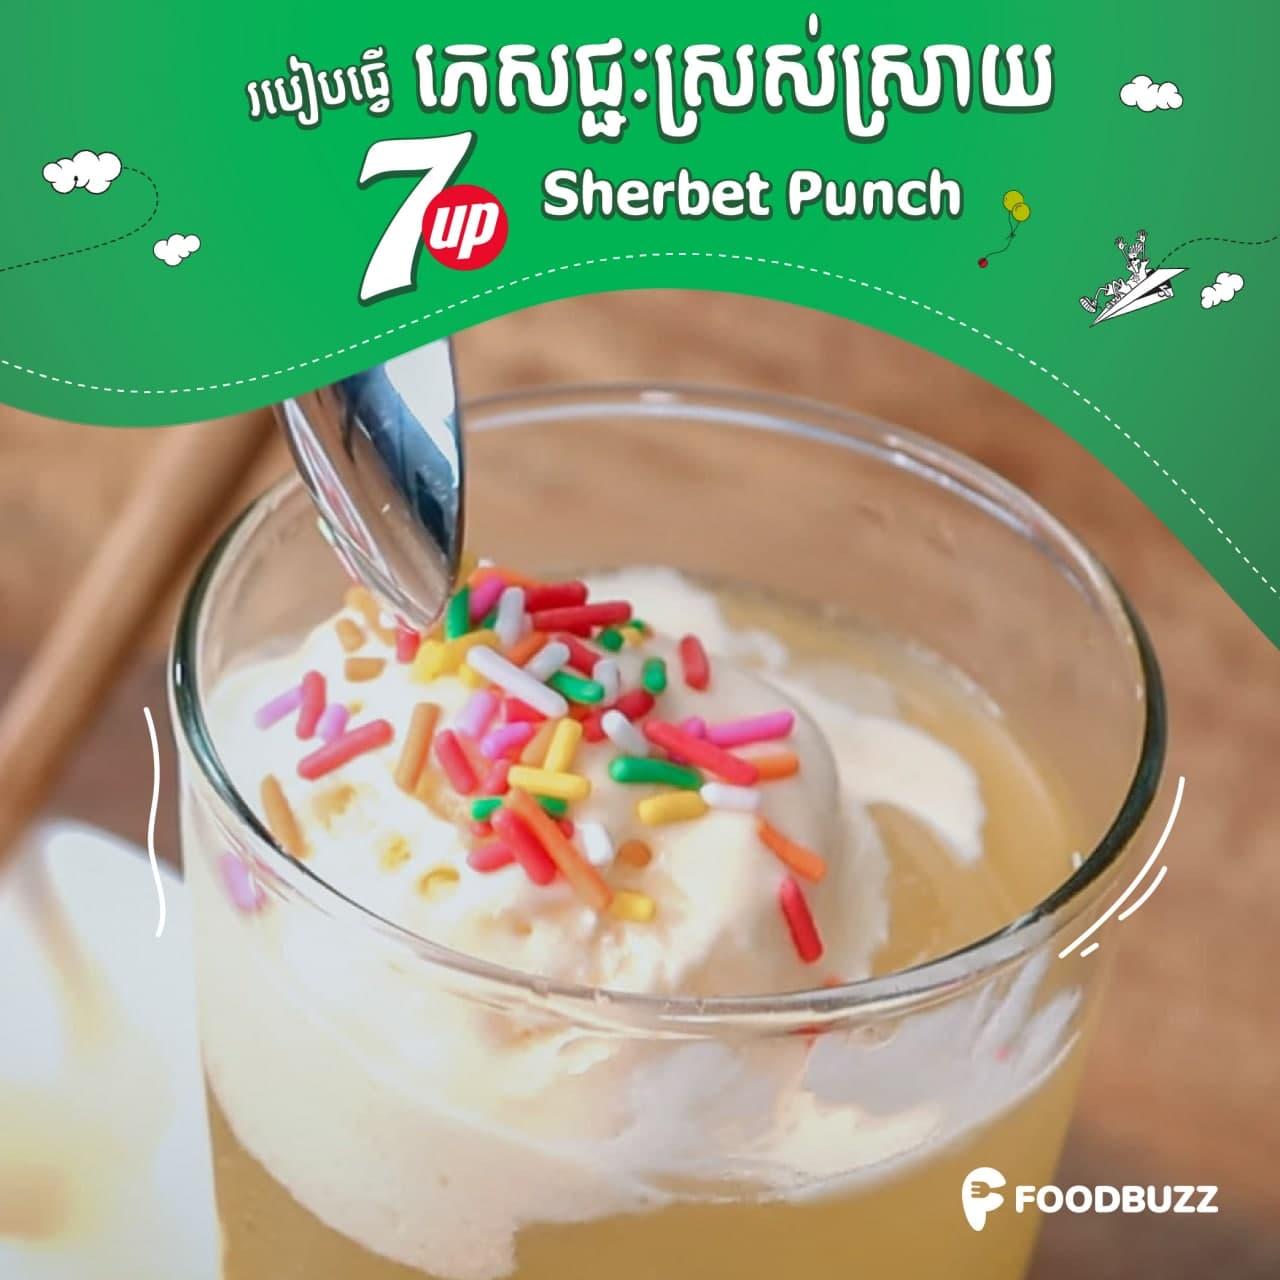 ម៉ោះ! រៀនធ្វើភេសជ្ជៈស្រស់ស្រាយ 7UP Sherbet Punch ទុកញ៉ាំកាត់ស្រ្តេស